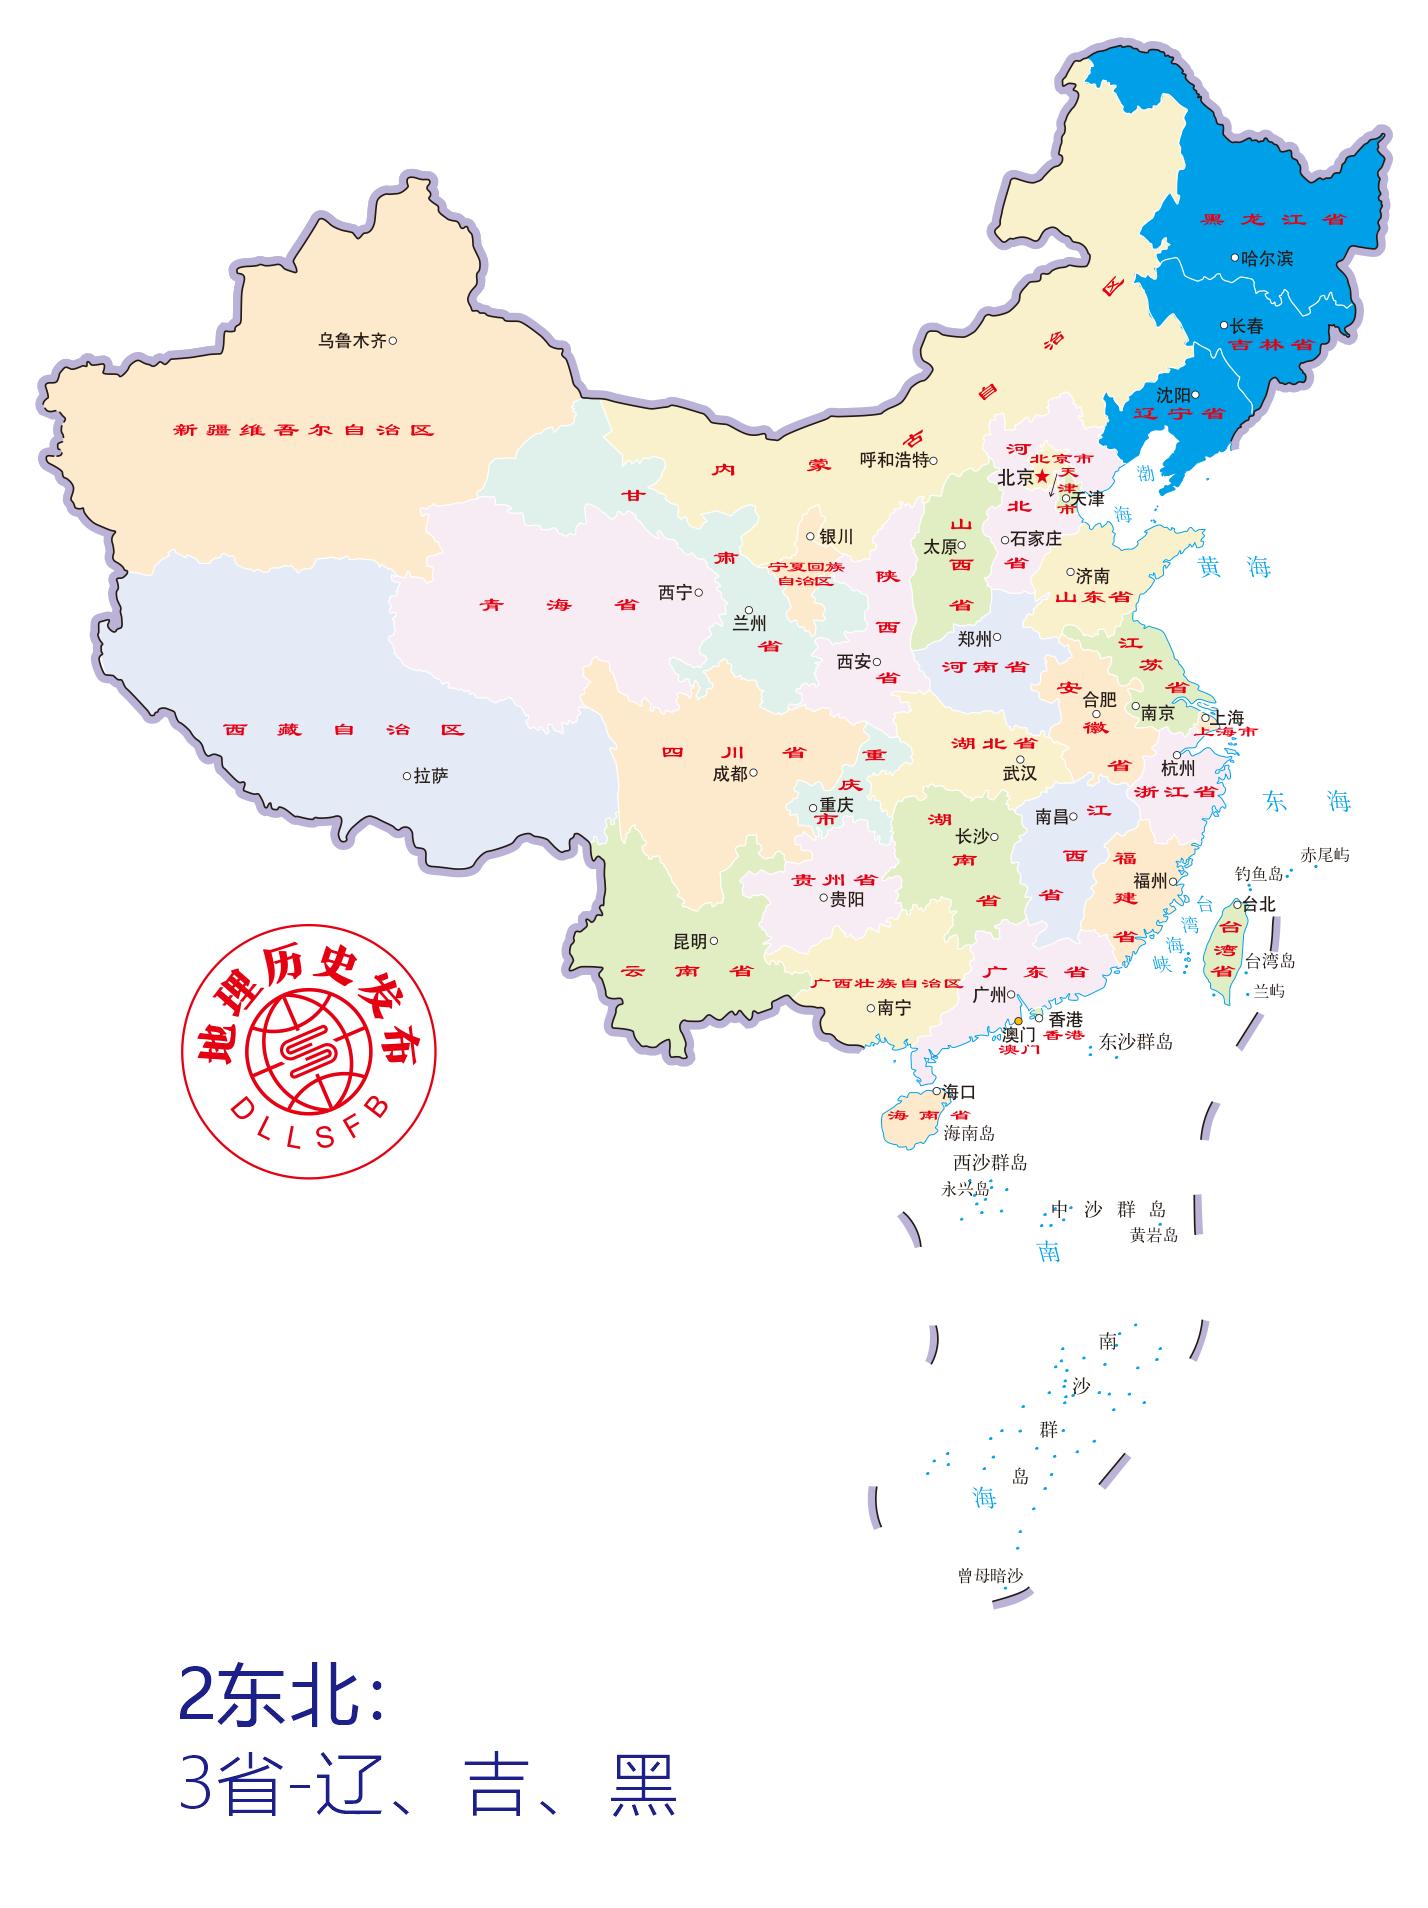 中国行政区划等级、数量、代码及城市分类